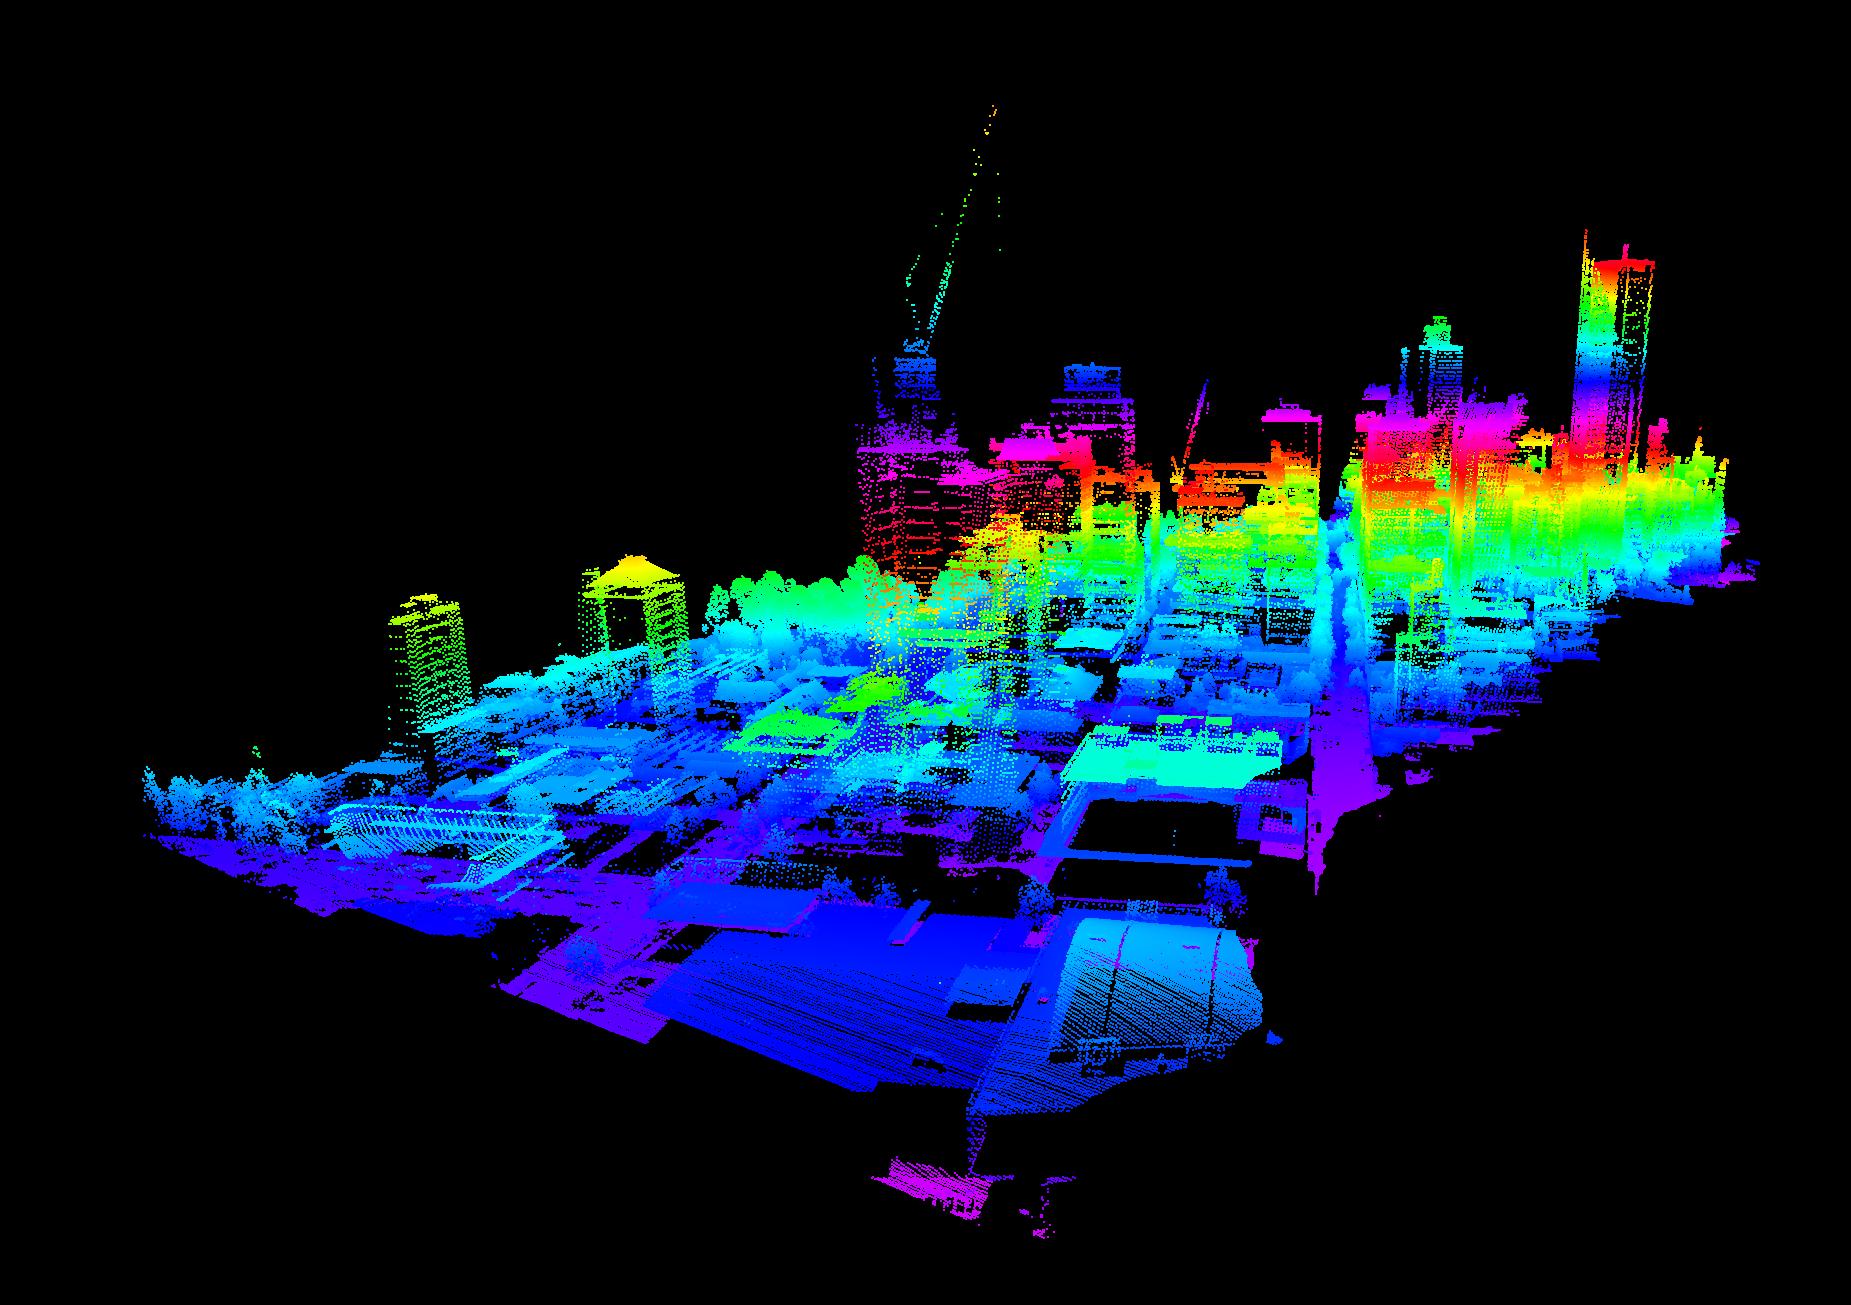 melb-docklands-3d-globalmapper-hsv